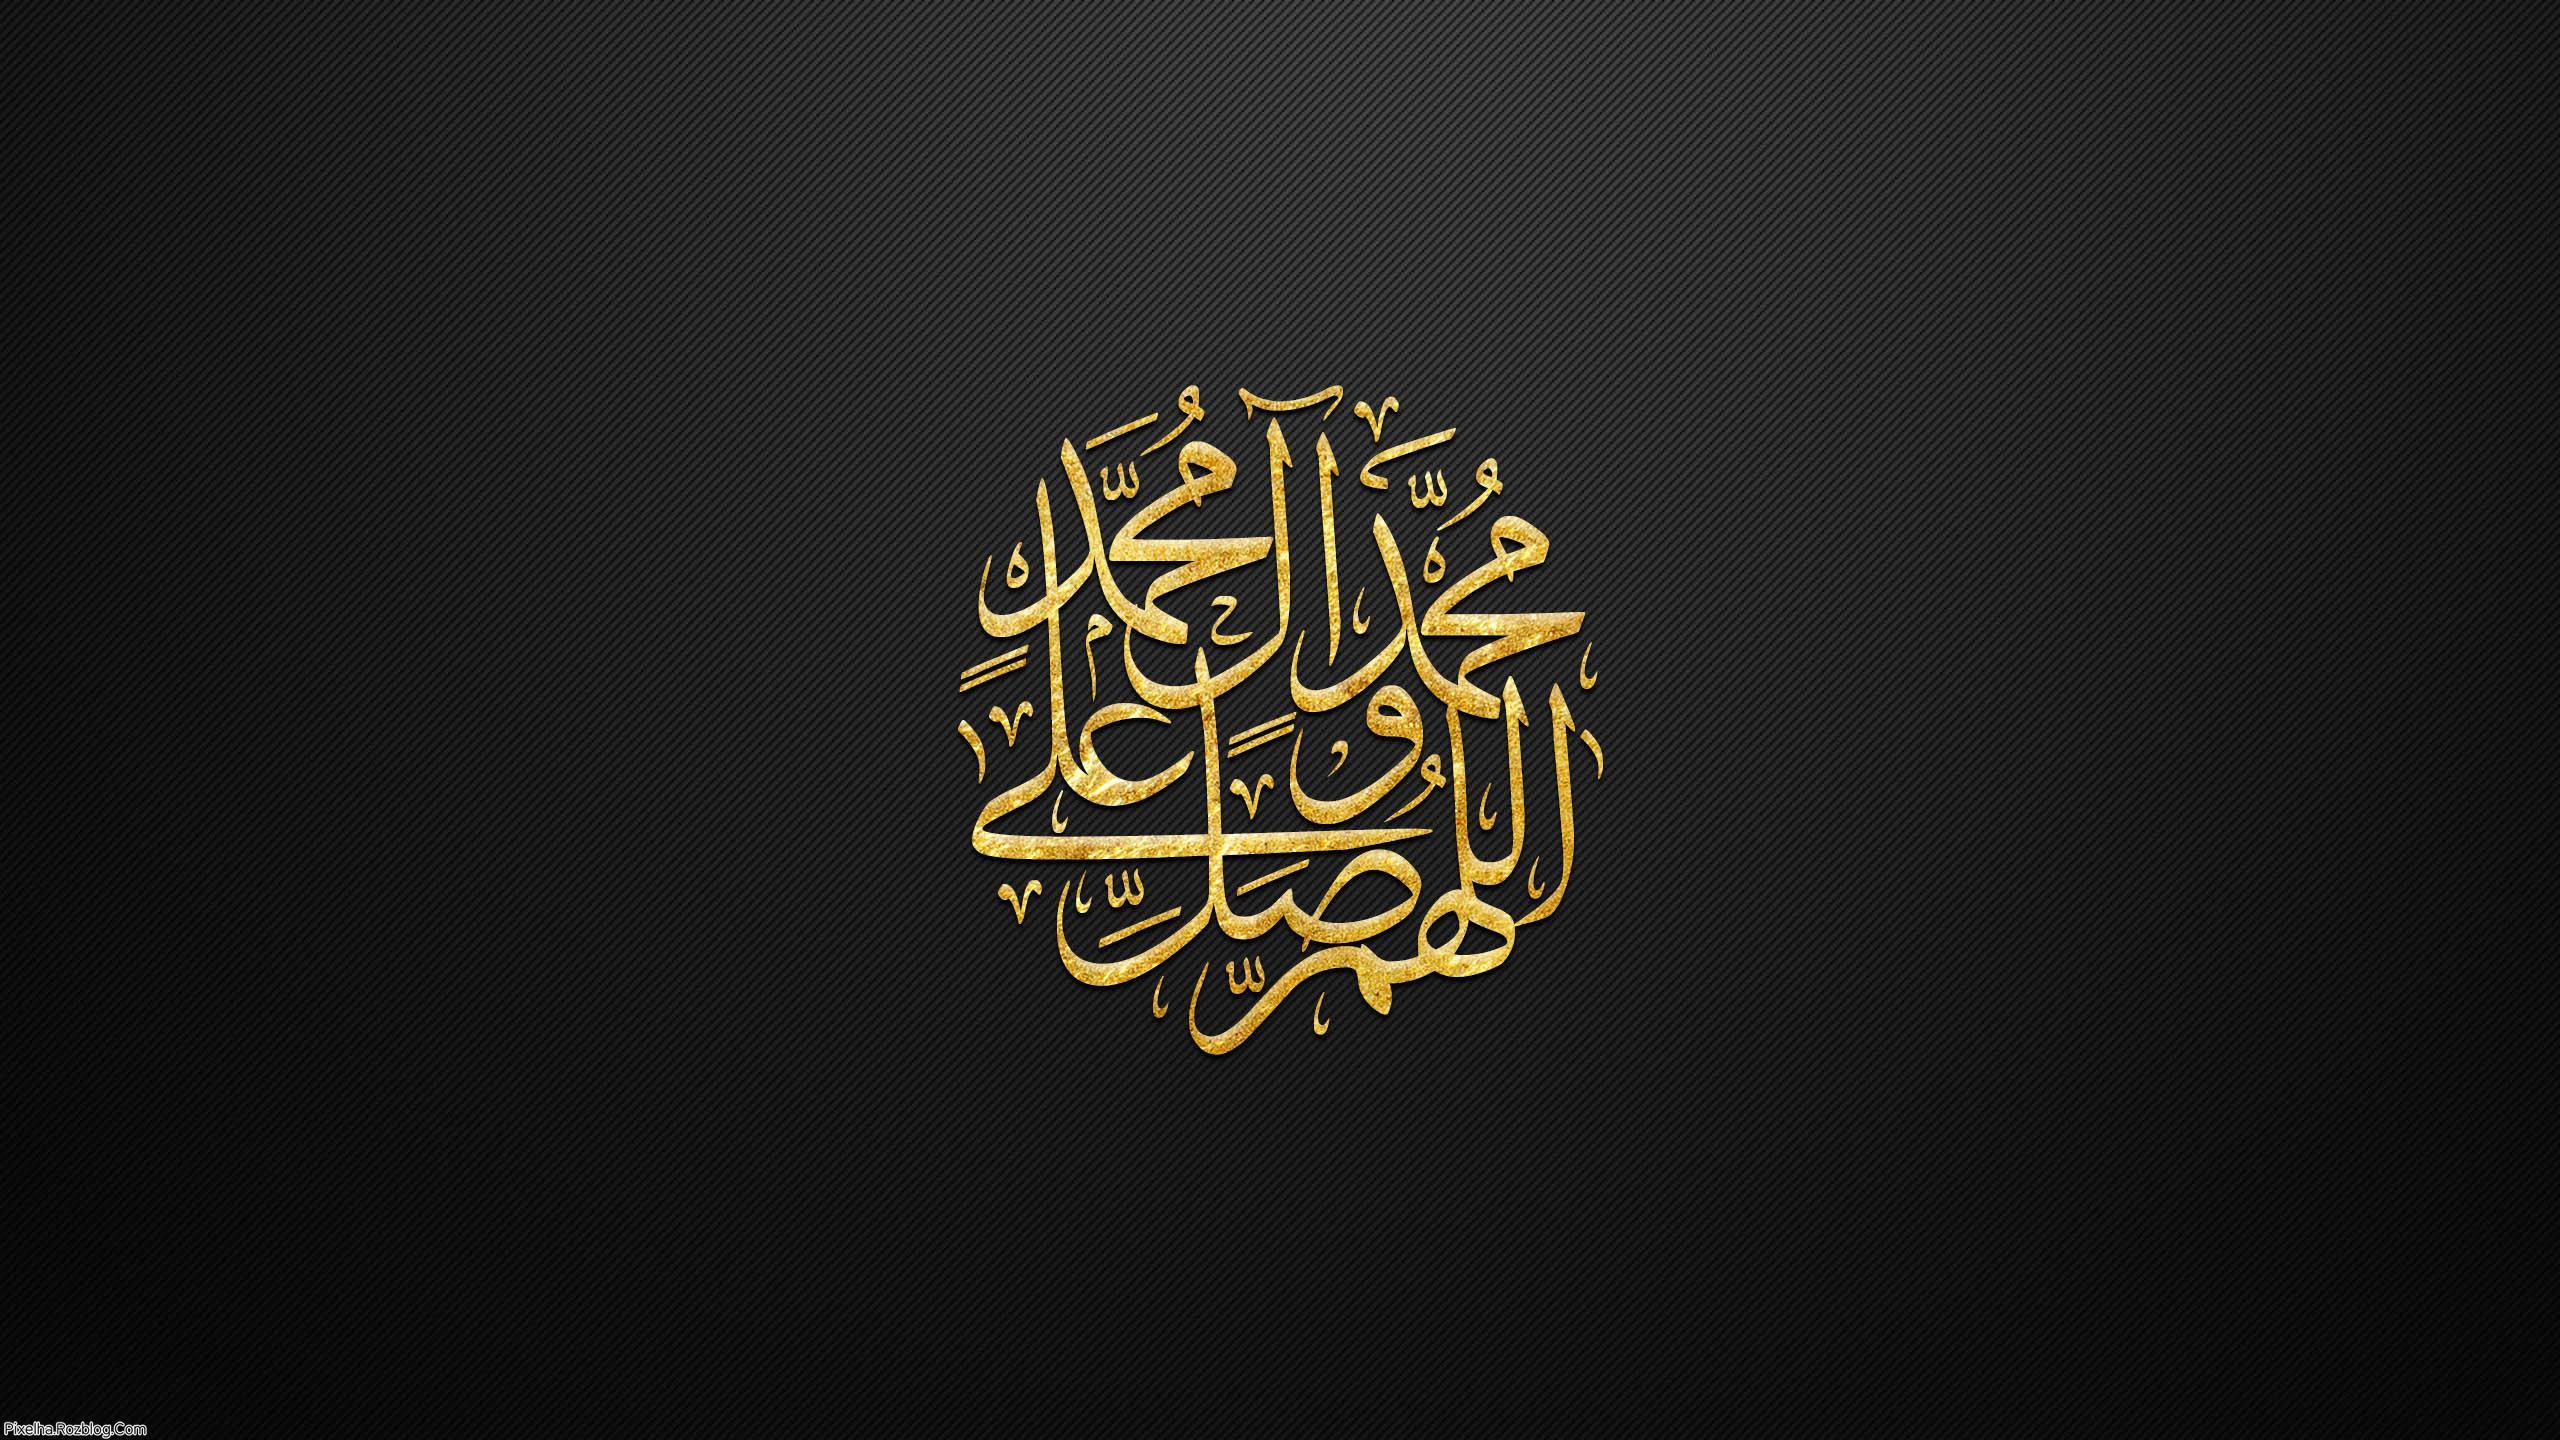 اللهم صلي على محمد